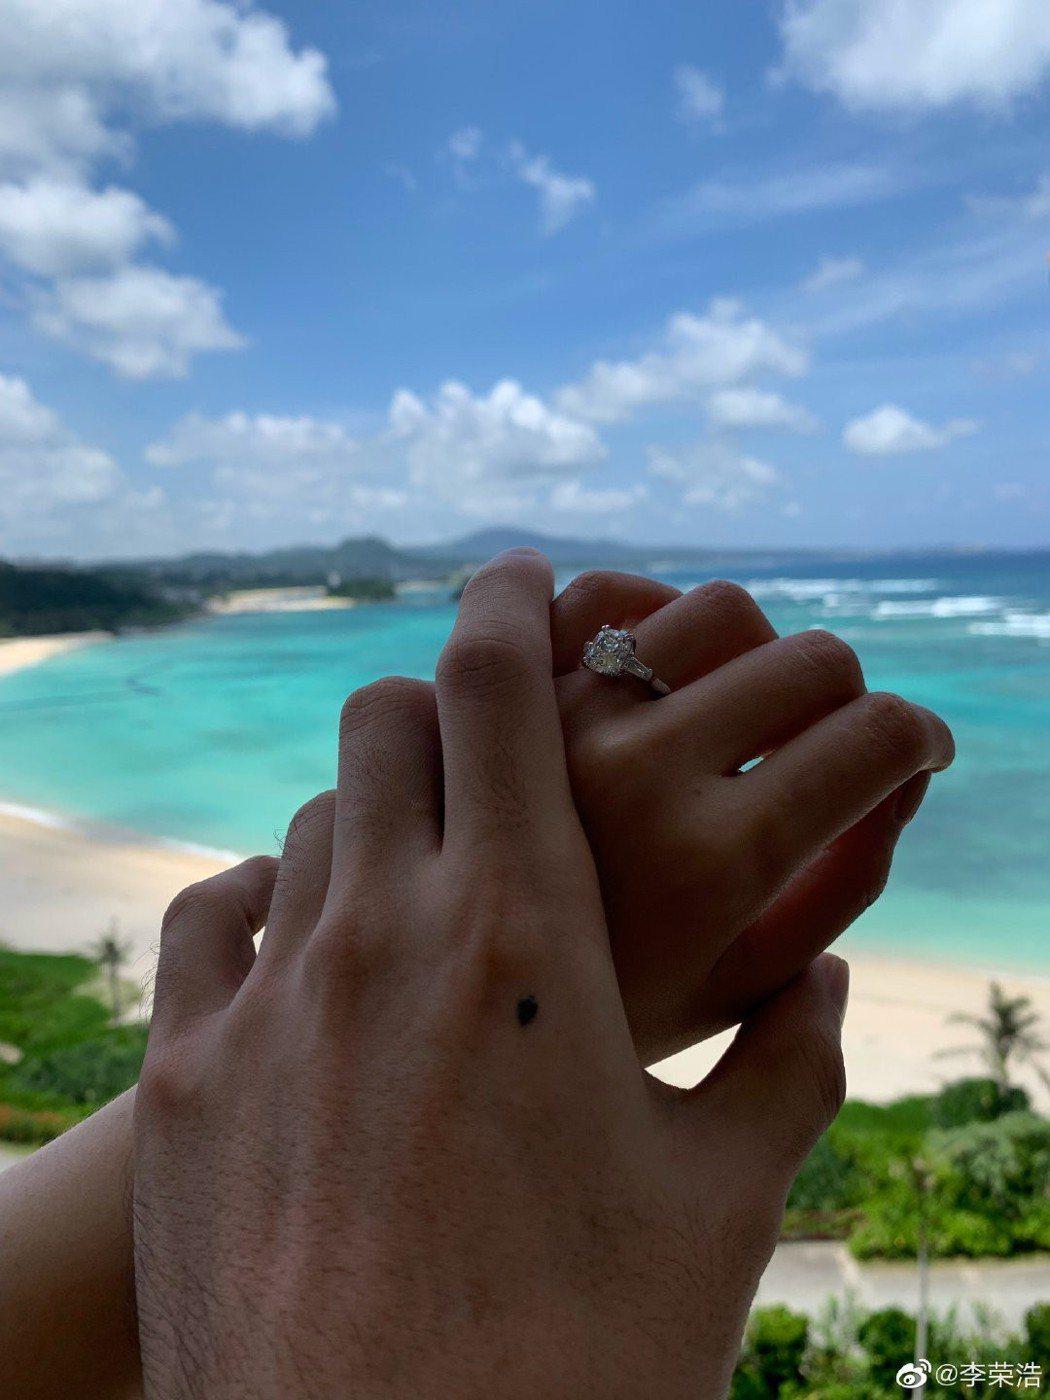 李榮浩社交平台上驚喜宣布求婚成功,寫出「今天34歲,也是我求婚紀念日,謝謝你答應...